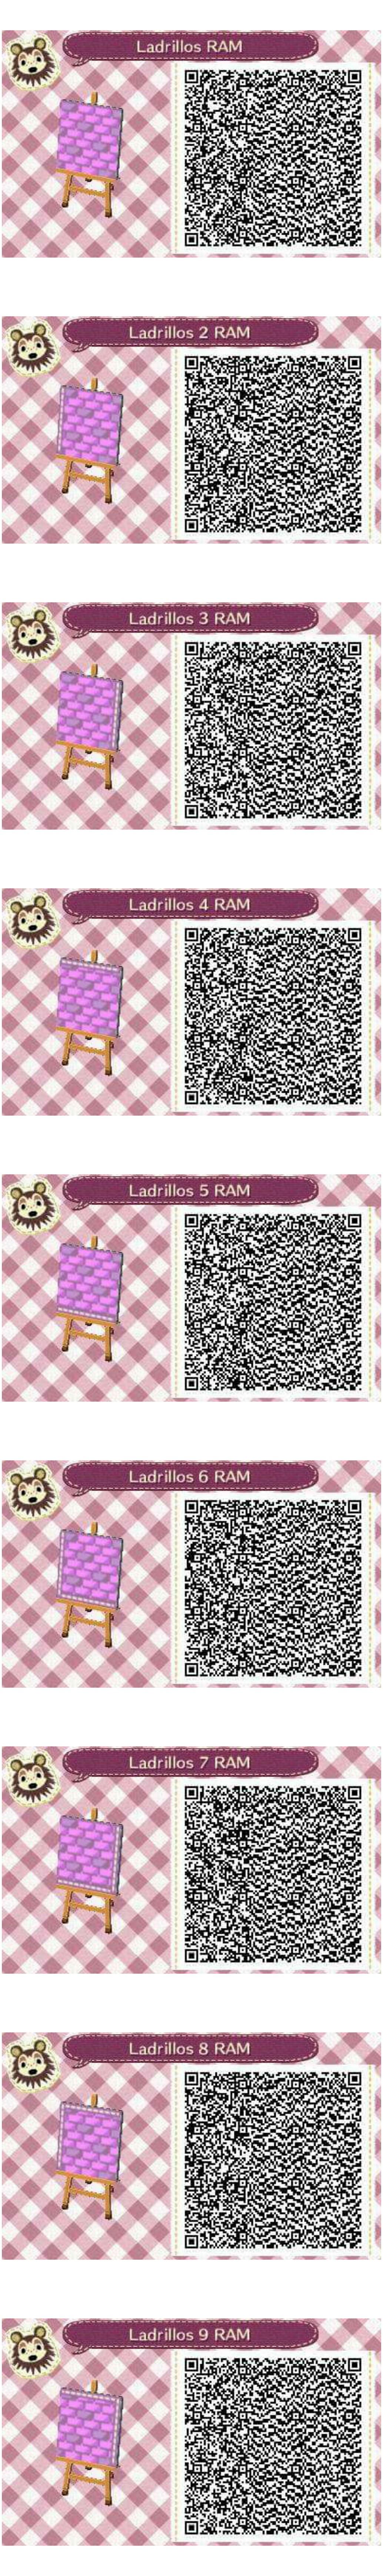 Este es un QR Code para Animal Crossing creado por mí